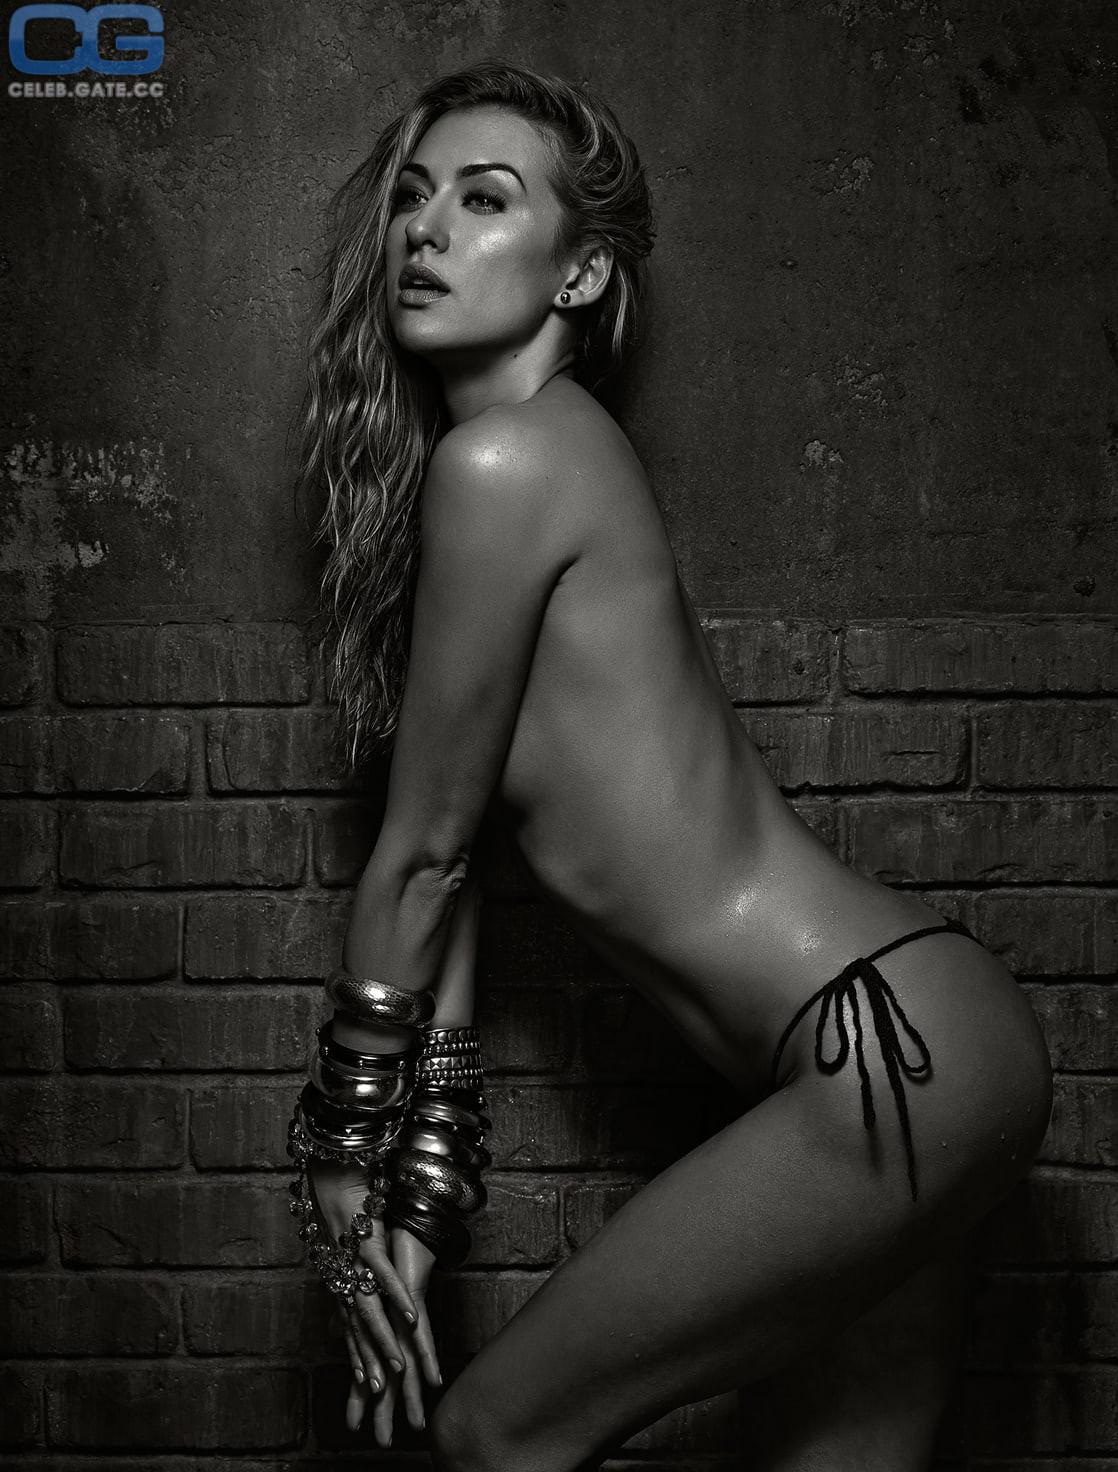 Nackt  Tasya Teles Celebrities Nude